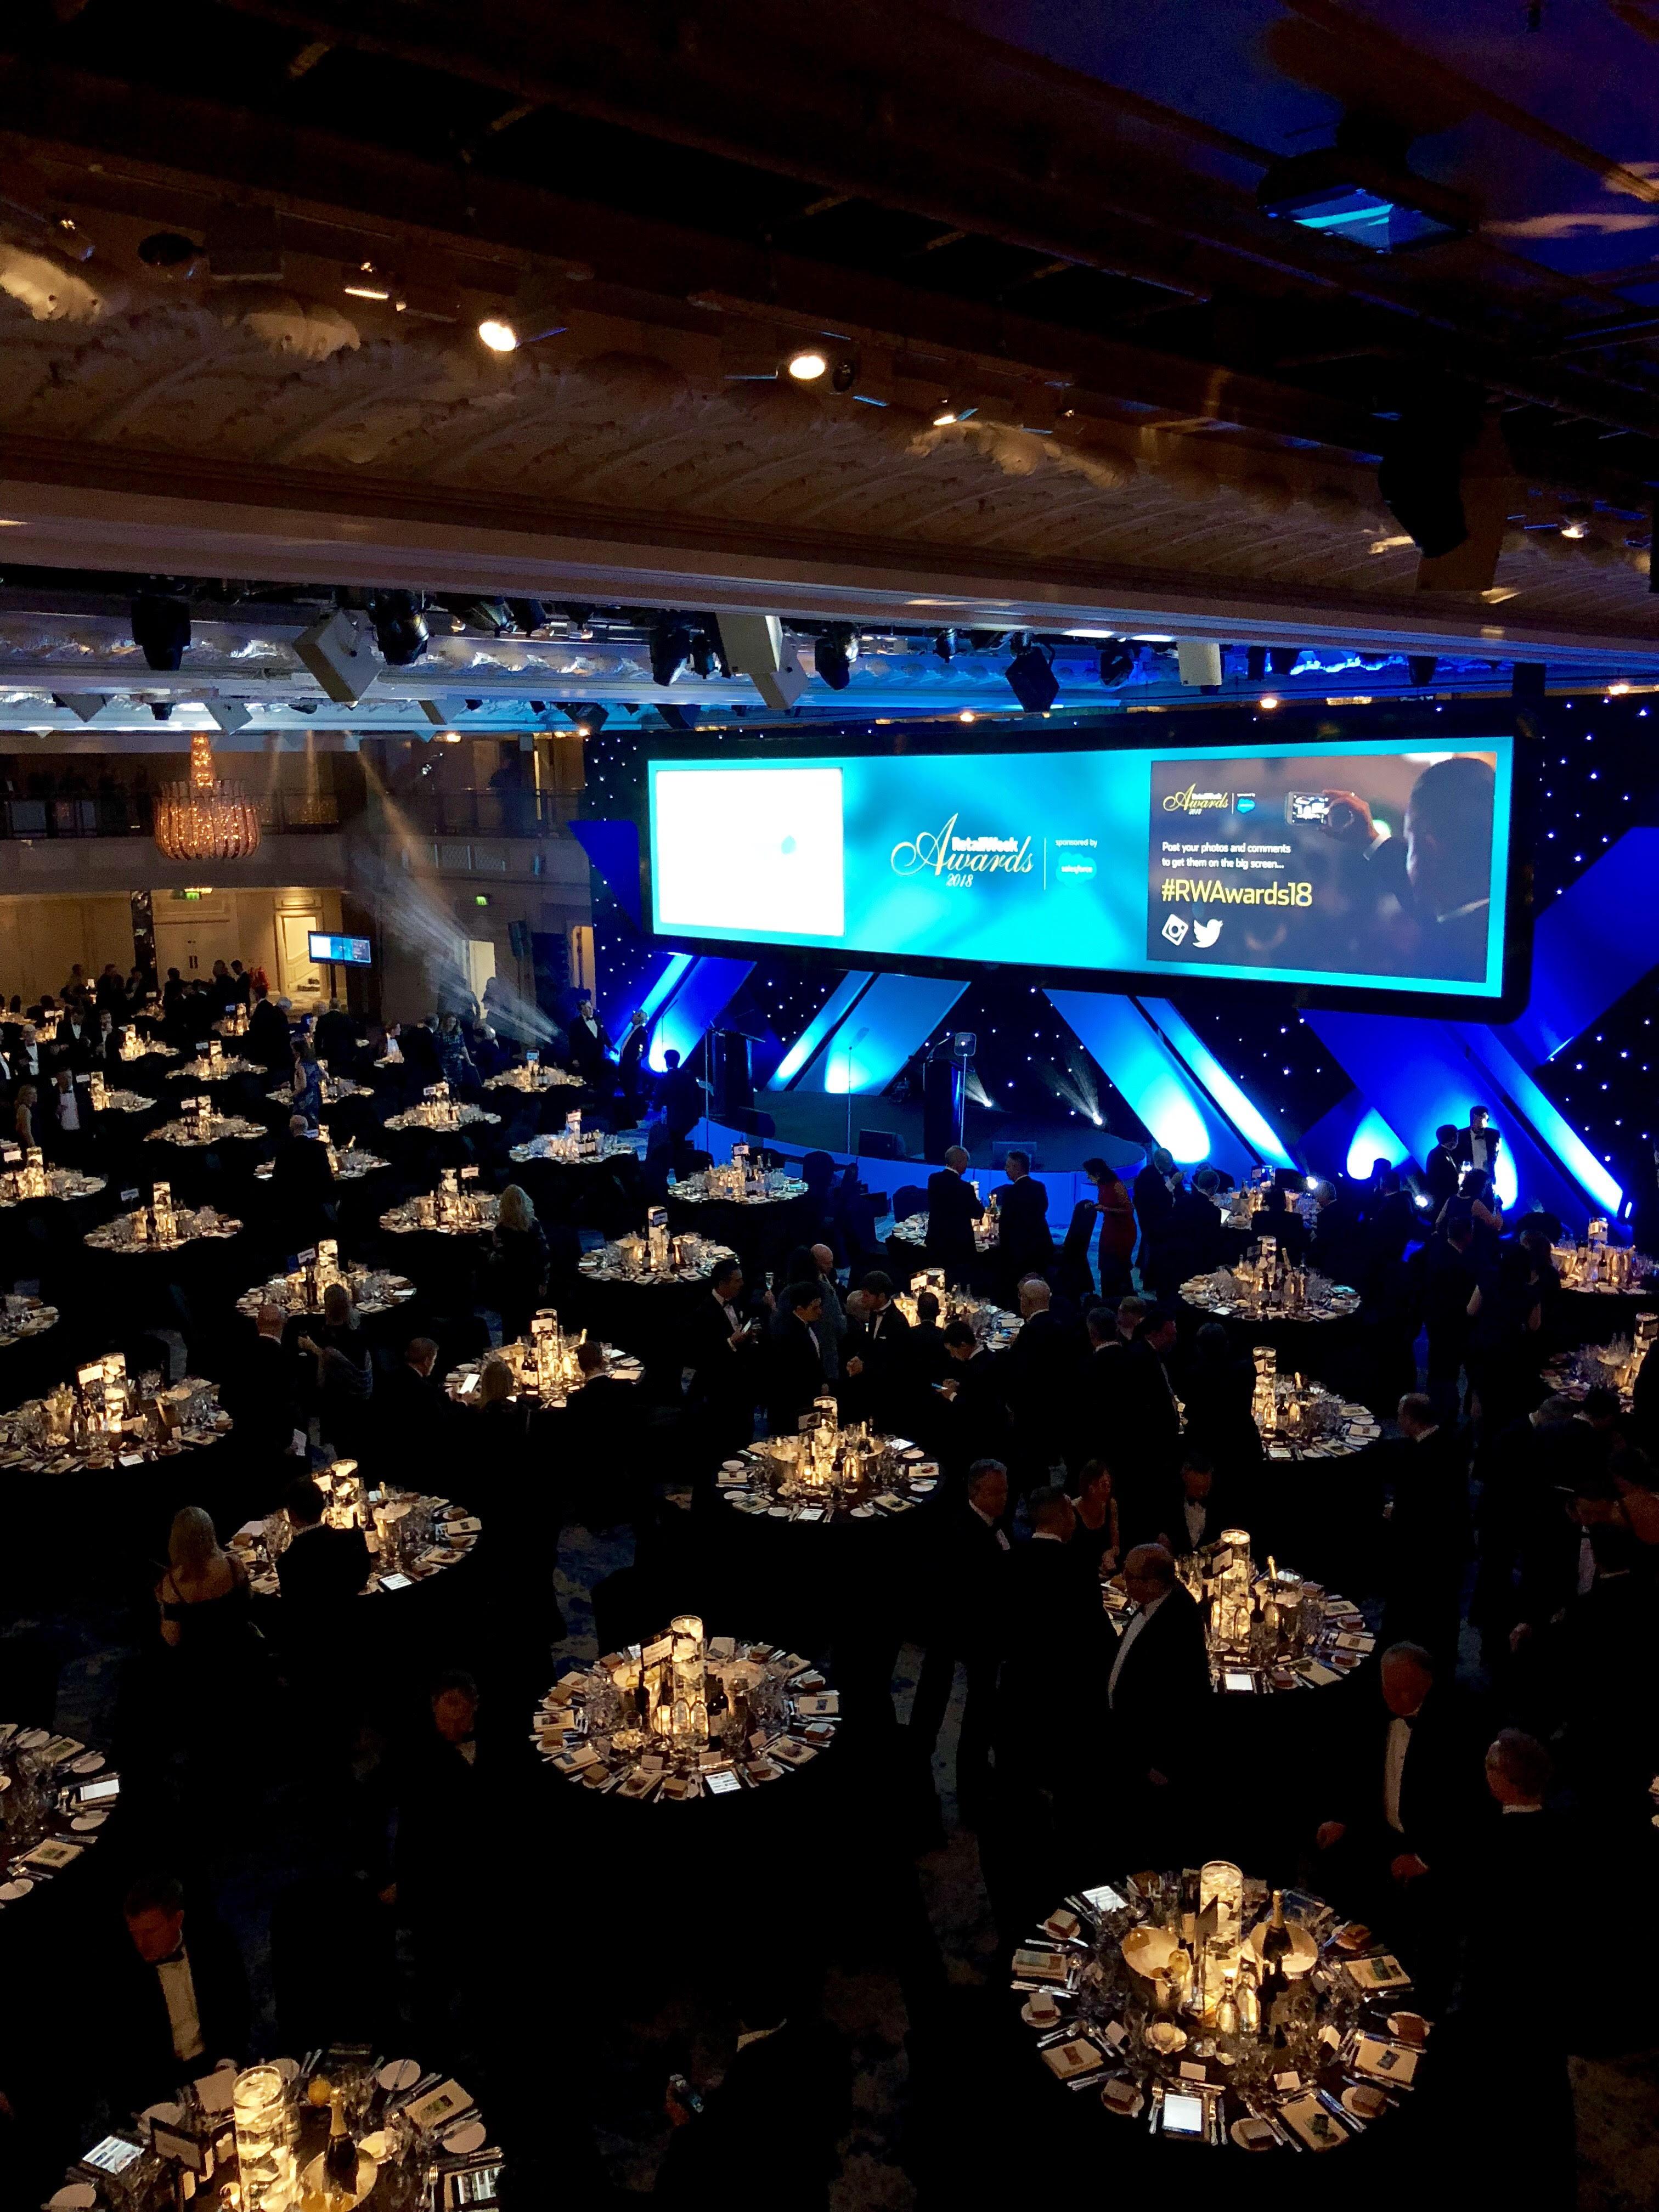 Green Man Gaming Emerging Retailer Finalist in Retail Week Awards 2018